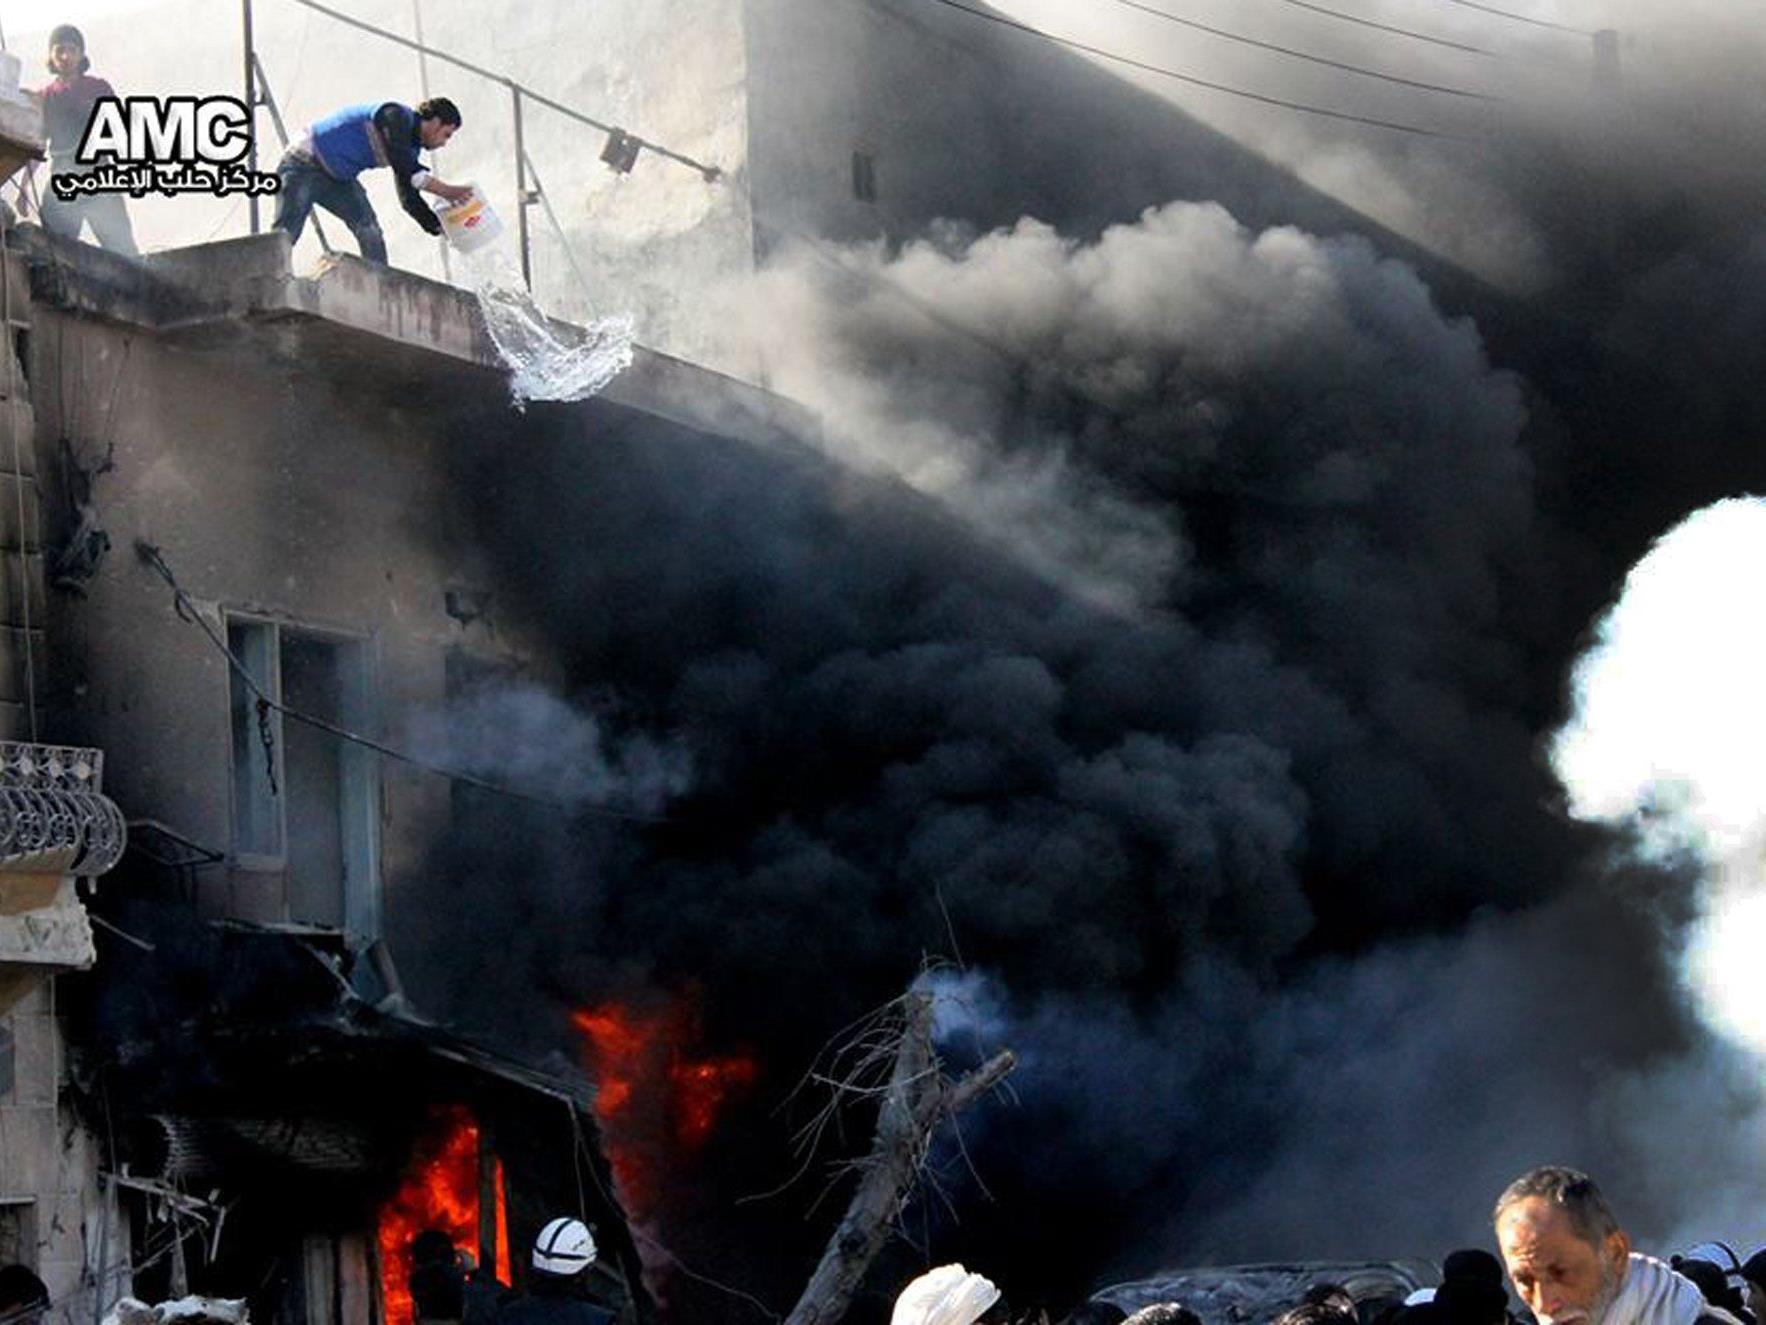 Mindestens 13 Kinder tot - Syrische Luftwaffe setzte wieder Fassbomben ein.